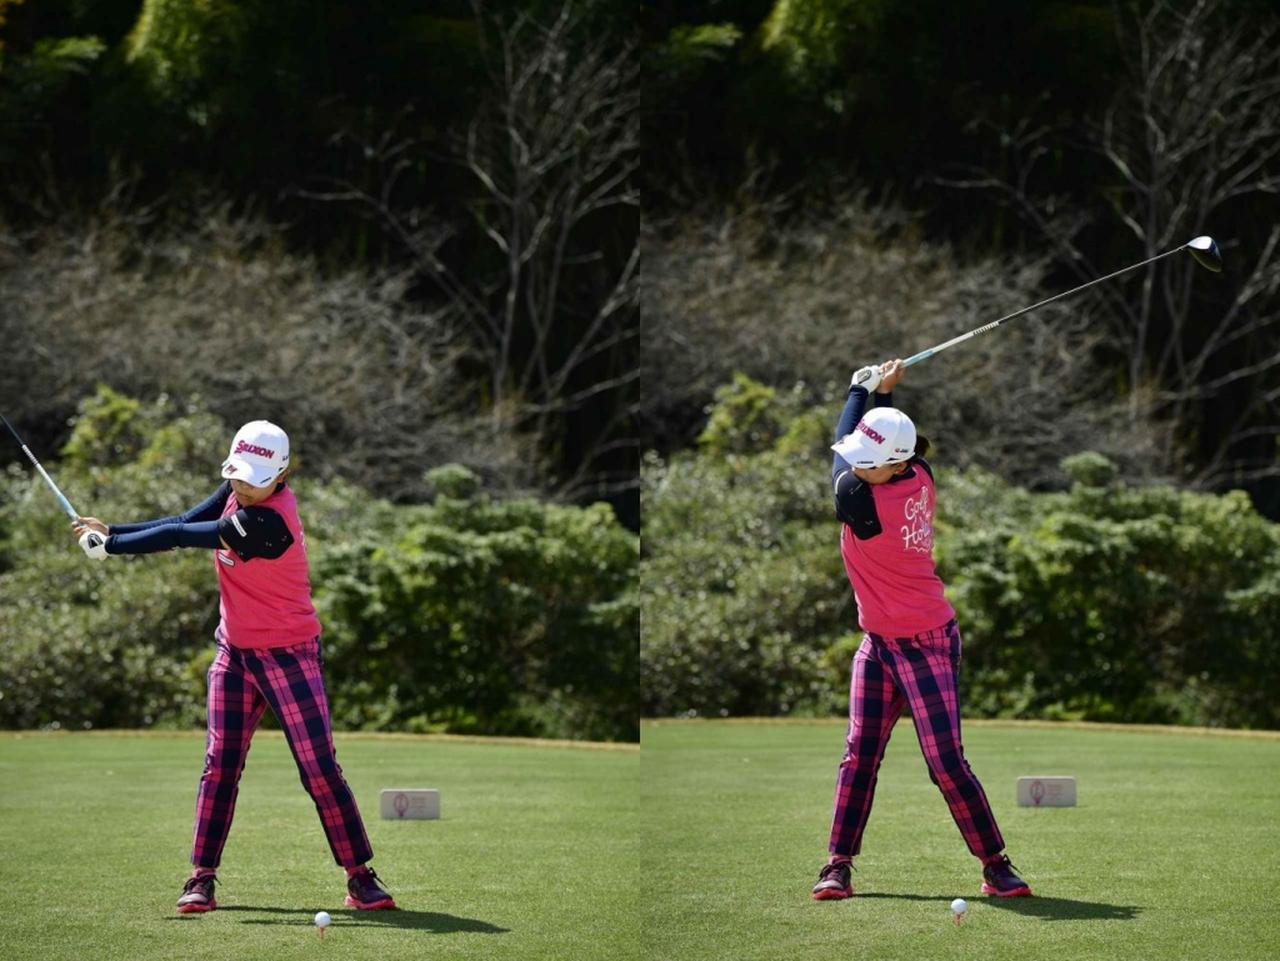 画像: 右の腰から始動し、硬いゴムをねじり上げるようにトップまで上がっているのがわかる(写真は2018年のヤマハレディースオープン)